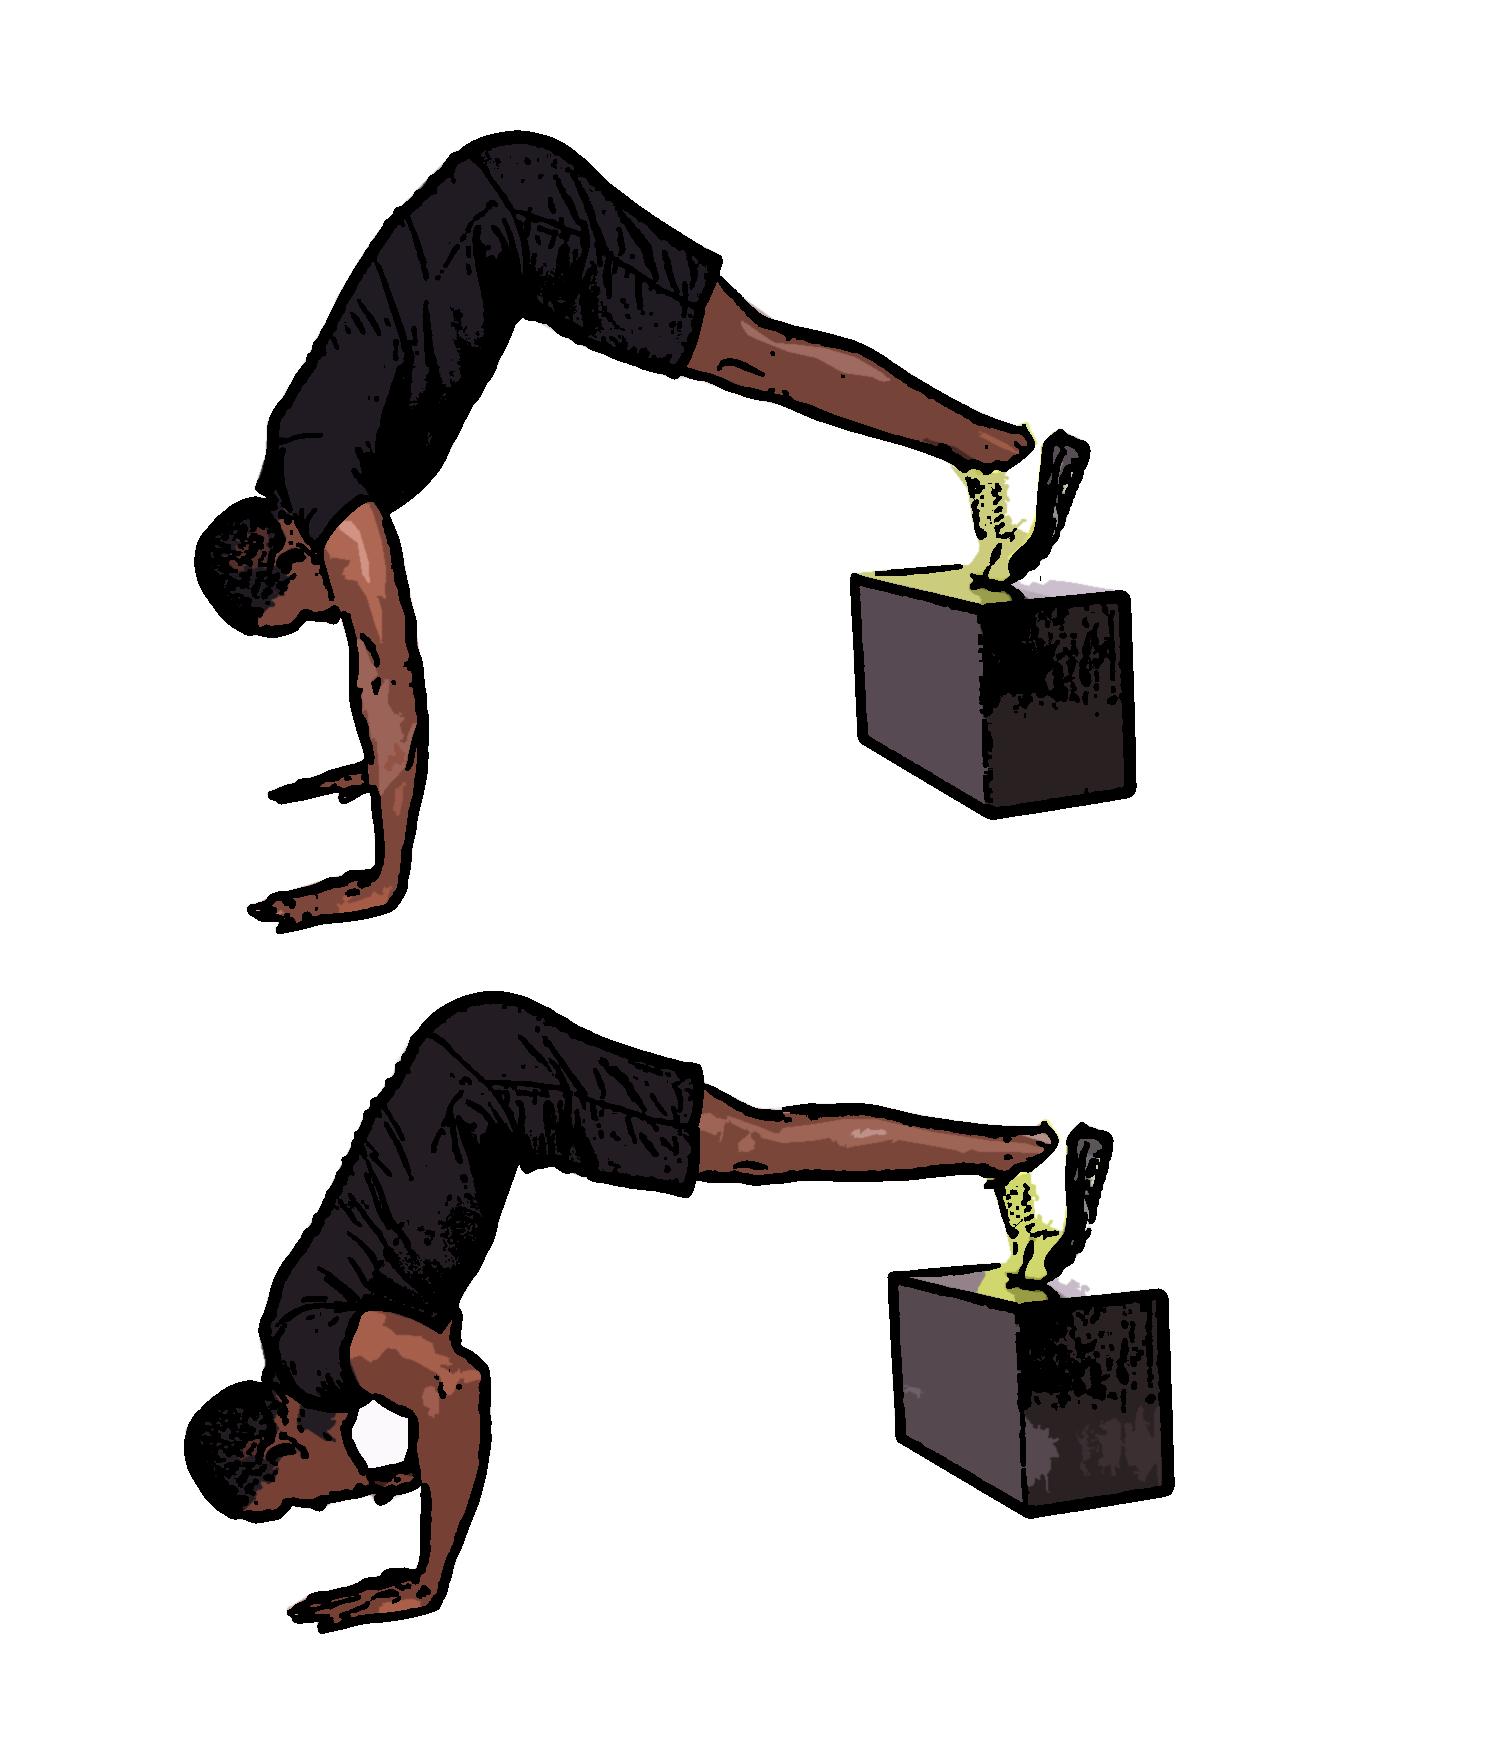 Пример за изпълнение на лицеви опори за рамо с повдигнати крака